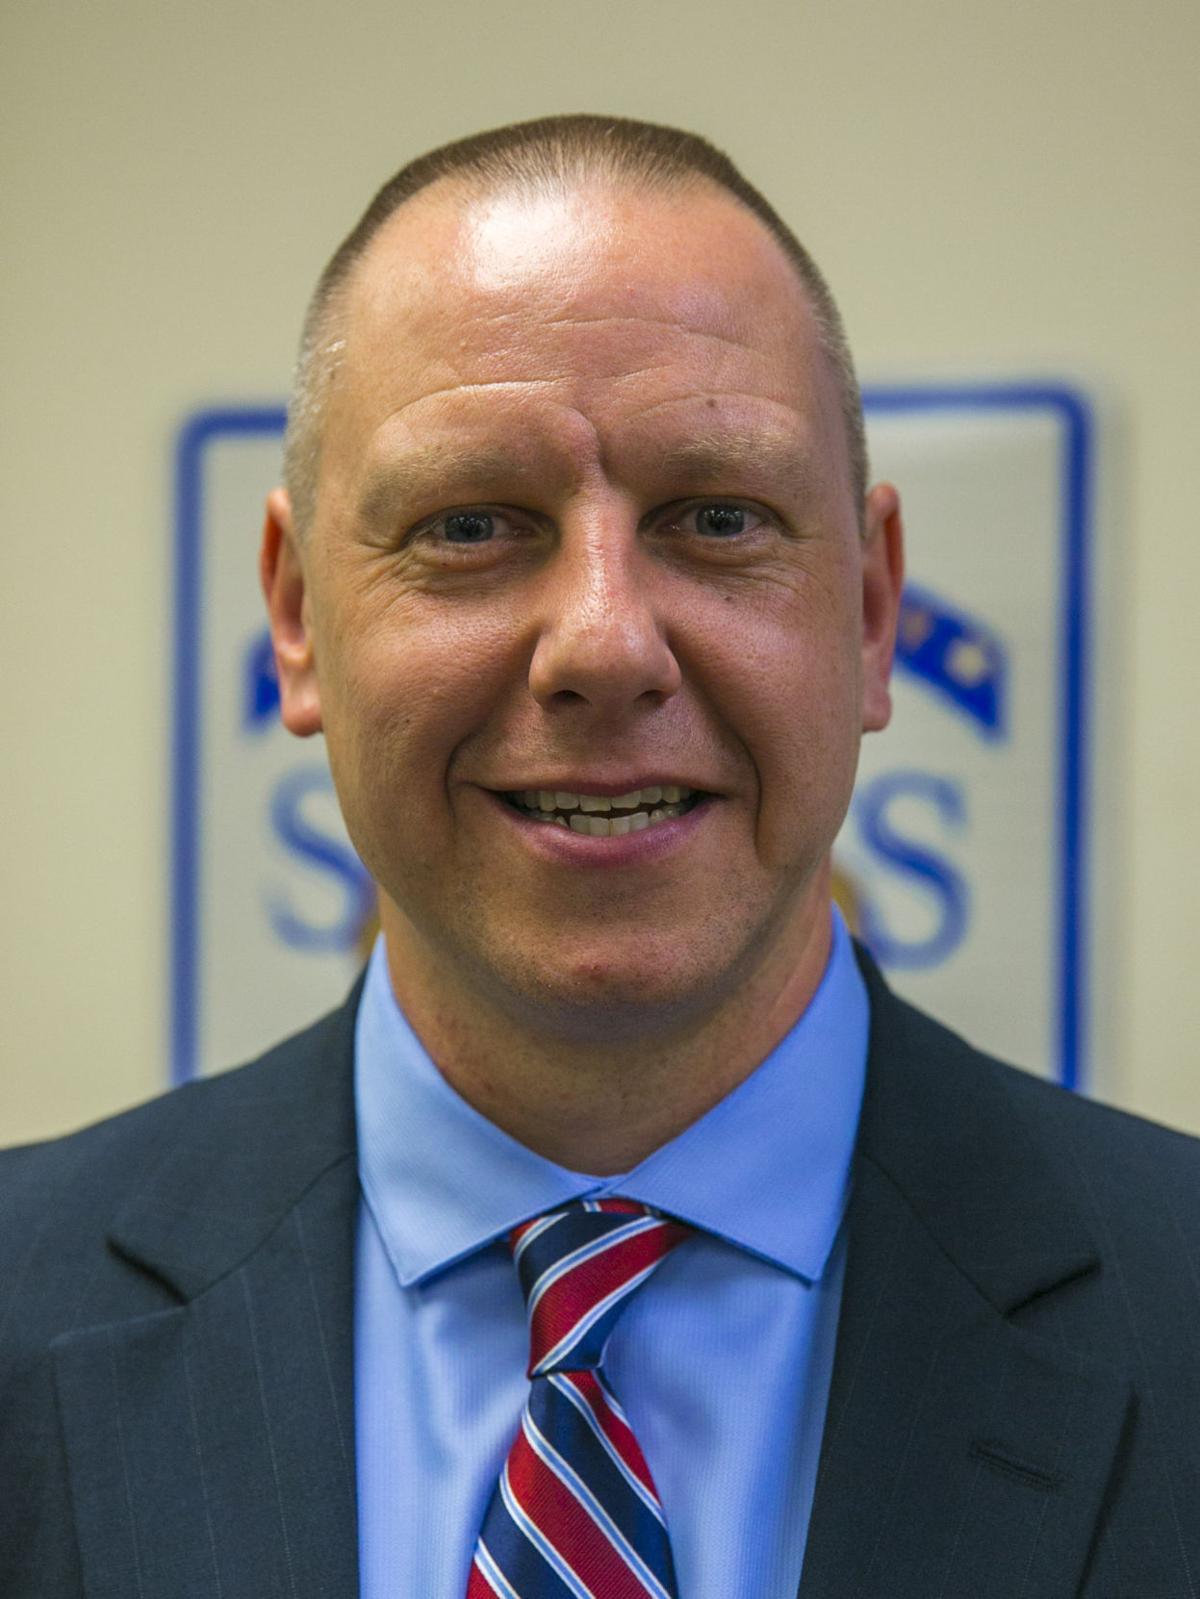 Jeff Brinkley